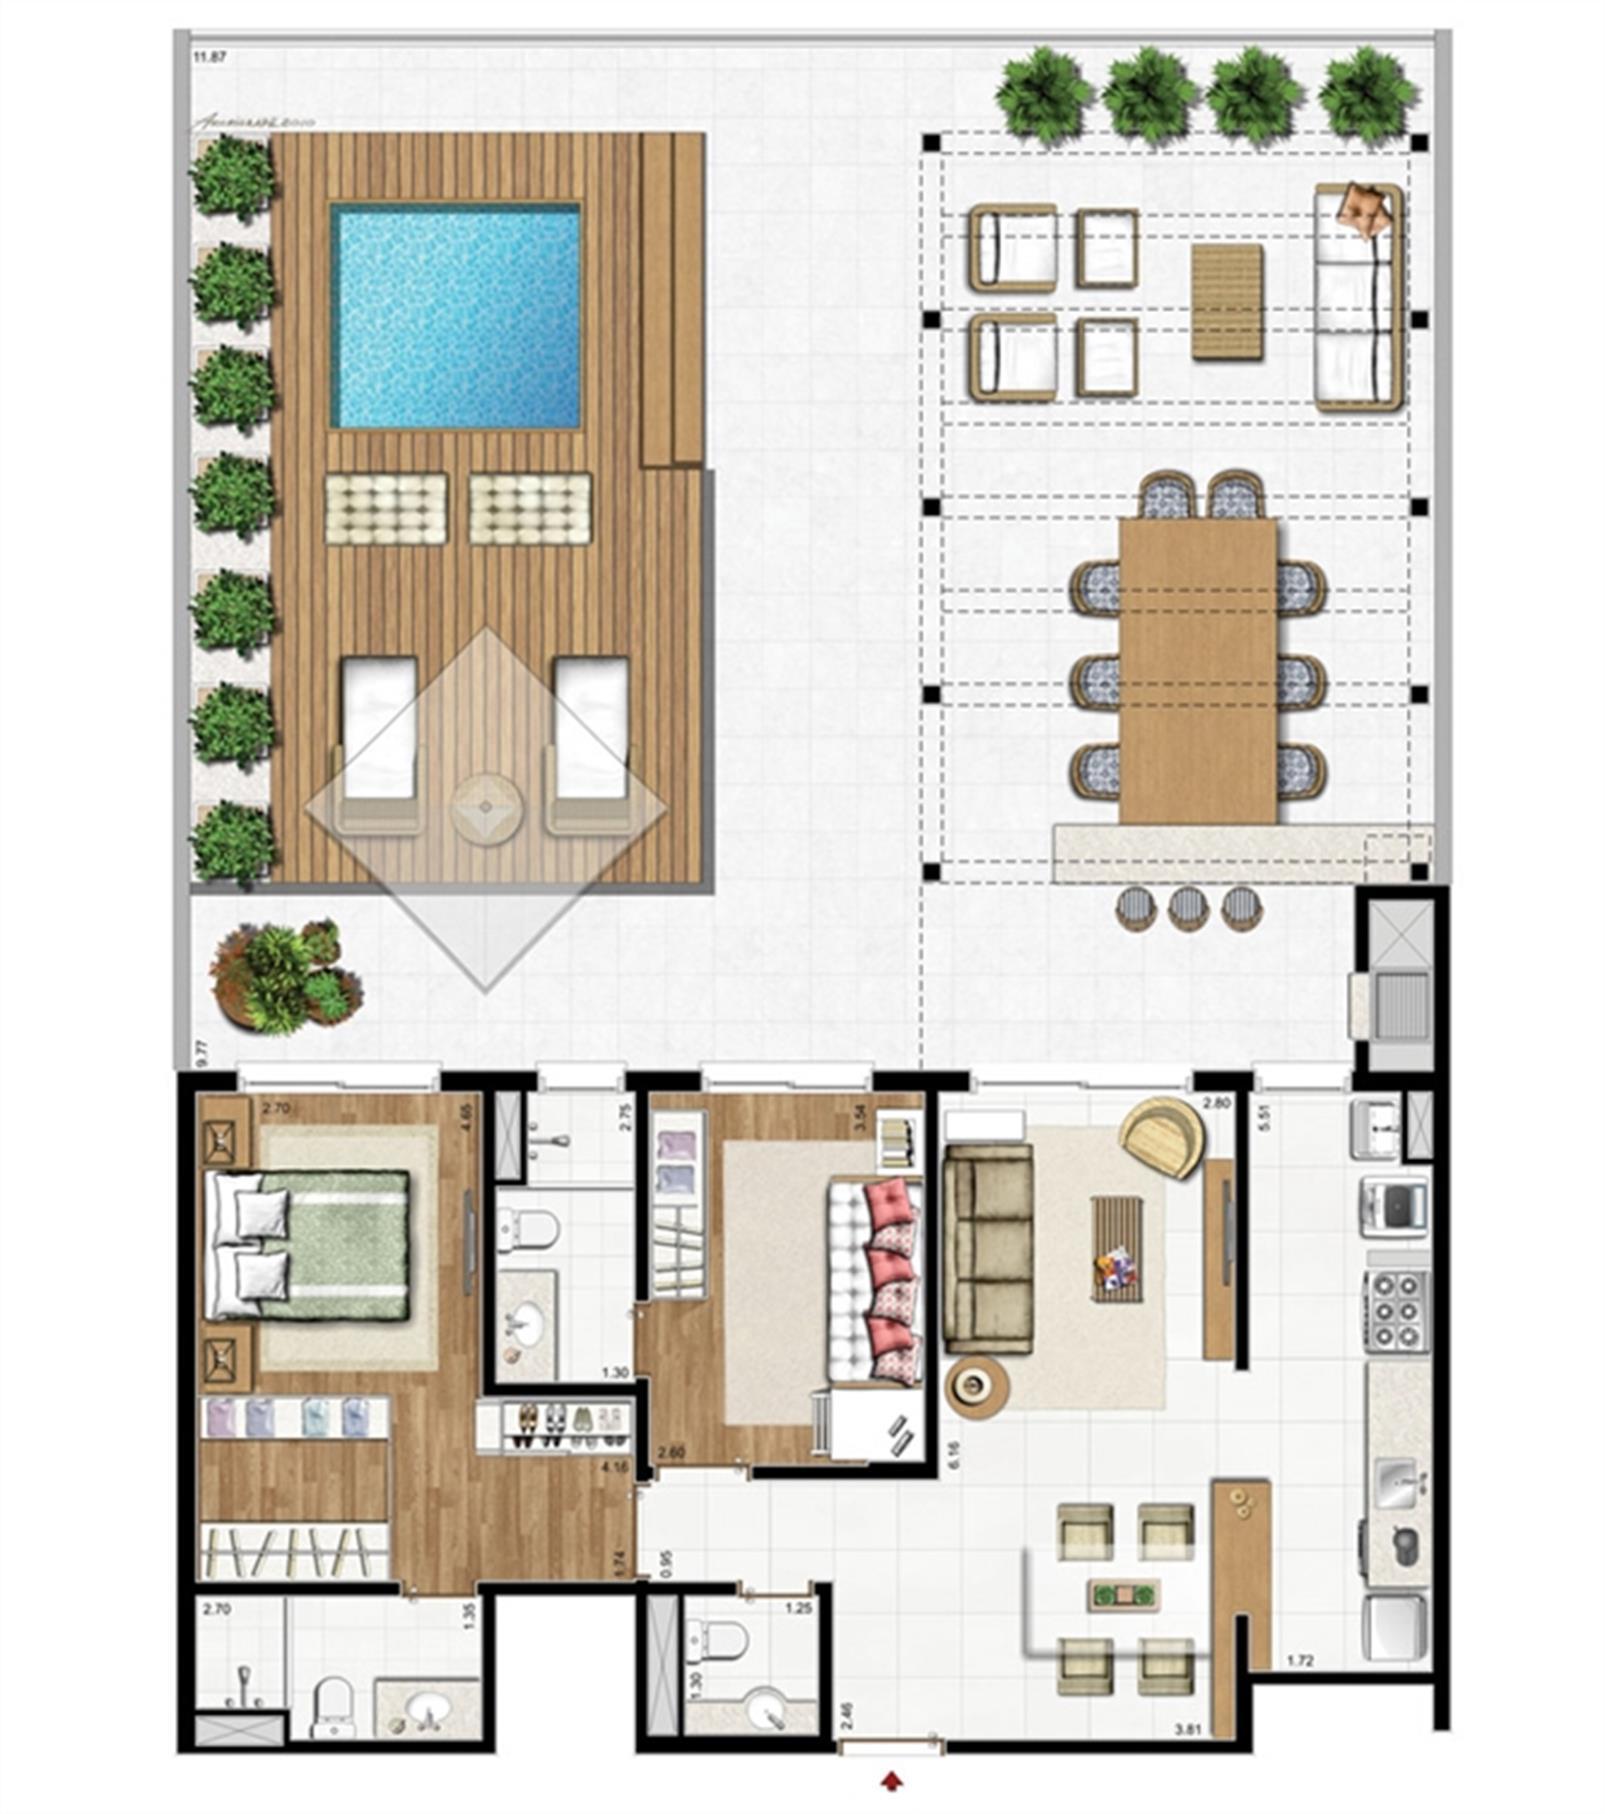 2 suítes e lavabo – Apto. garden - Planta padrão  195 m² privativos 252 m² de área total   Visionnaire – Apartamentono  Abraão - Florianópolis - Santa Catarina